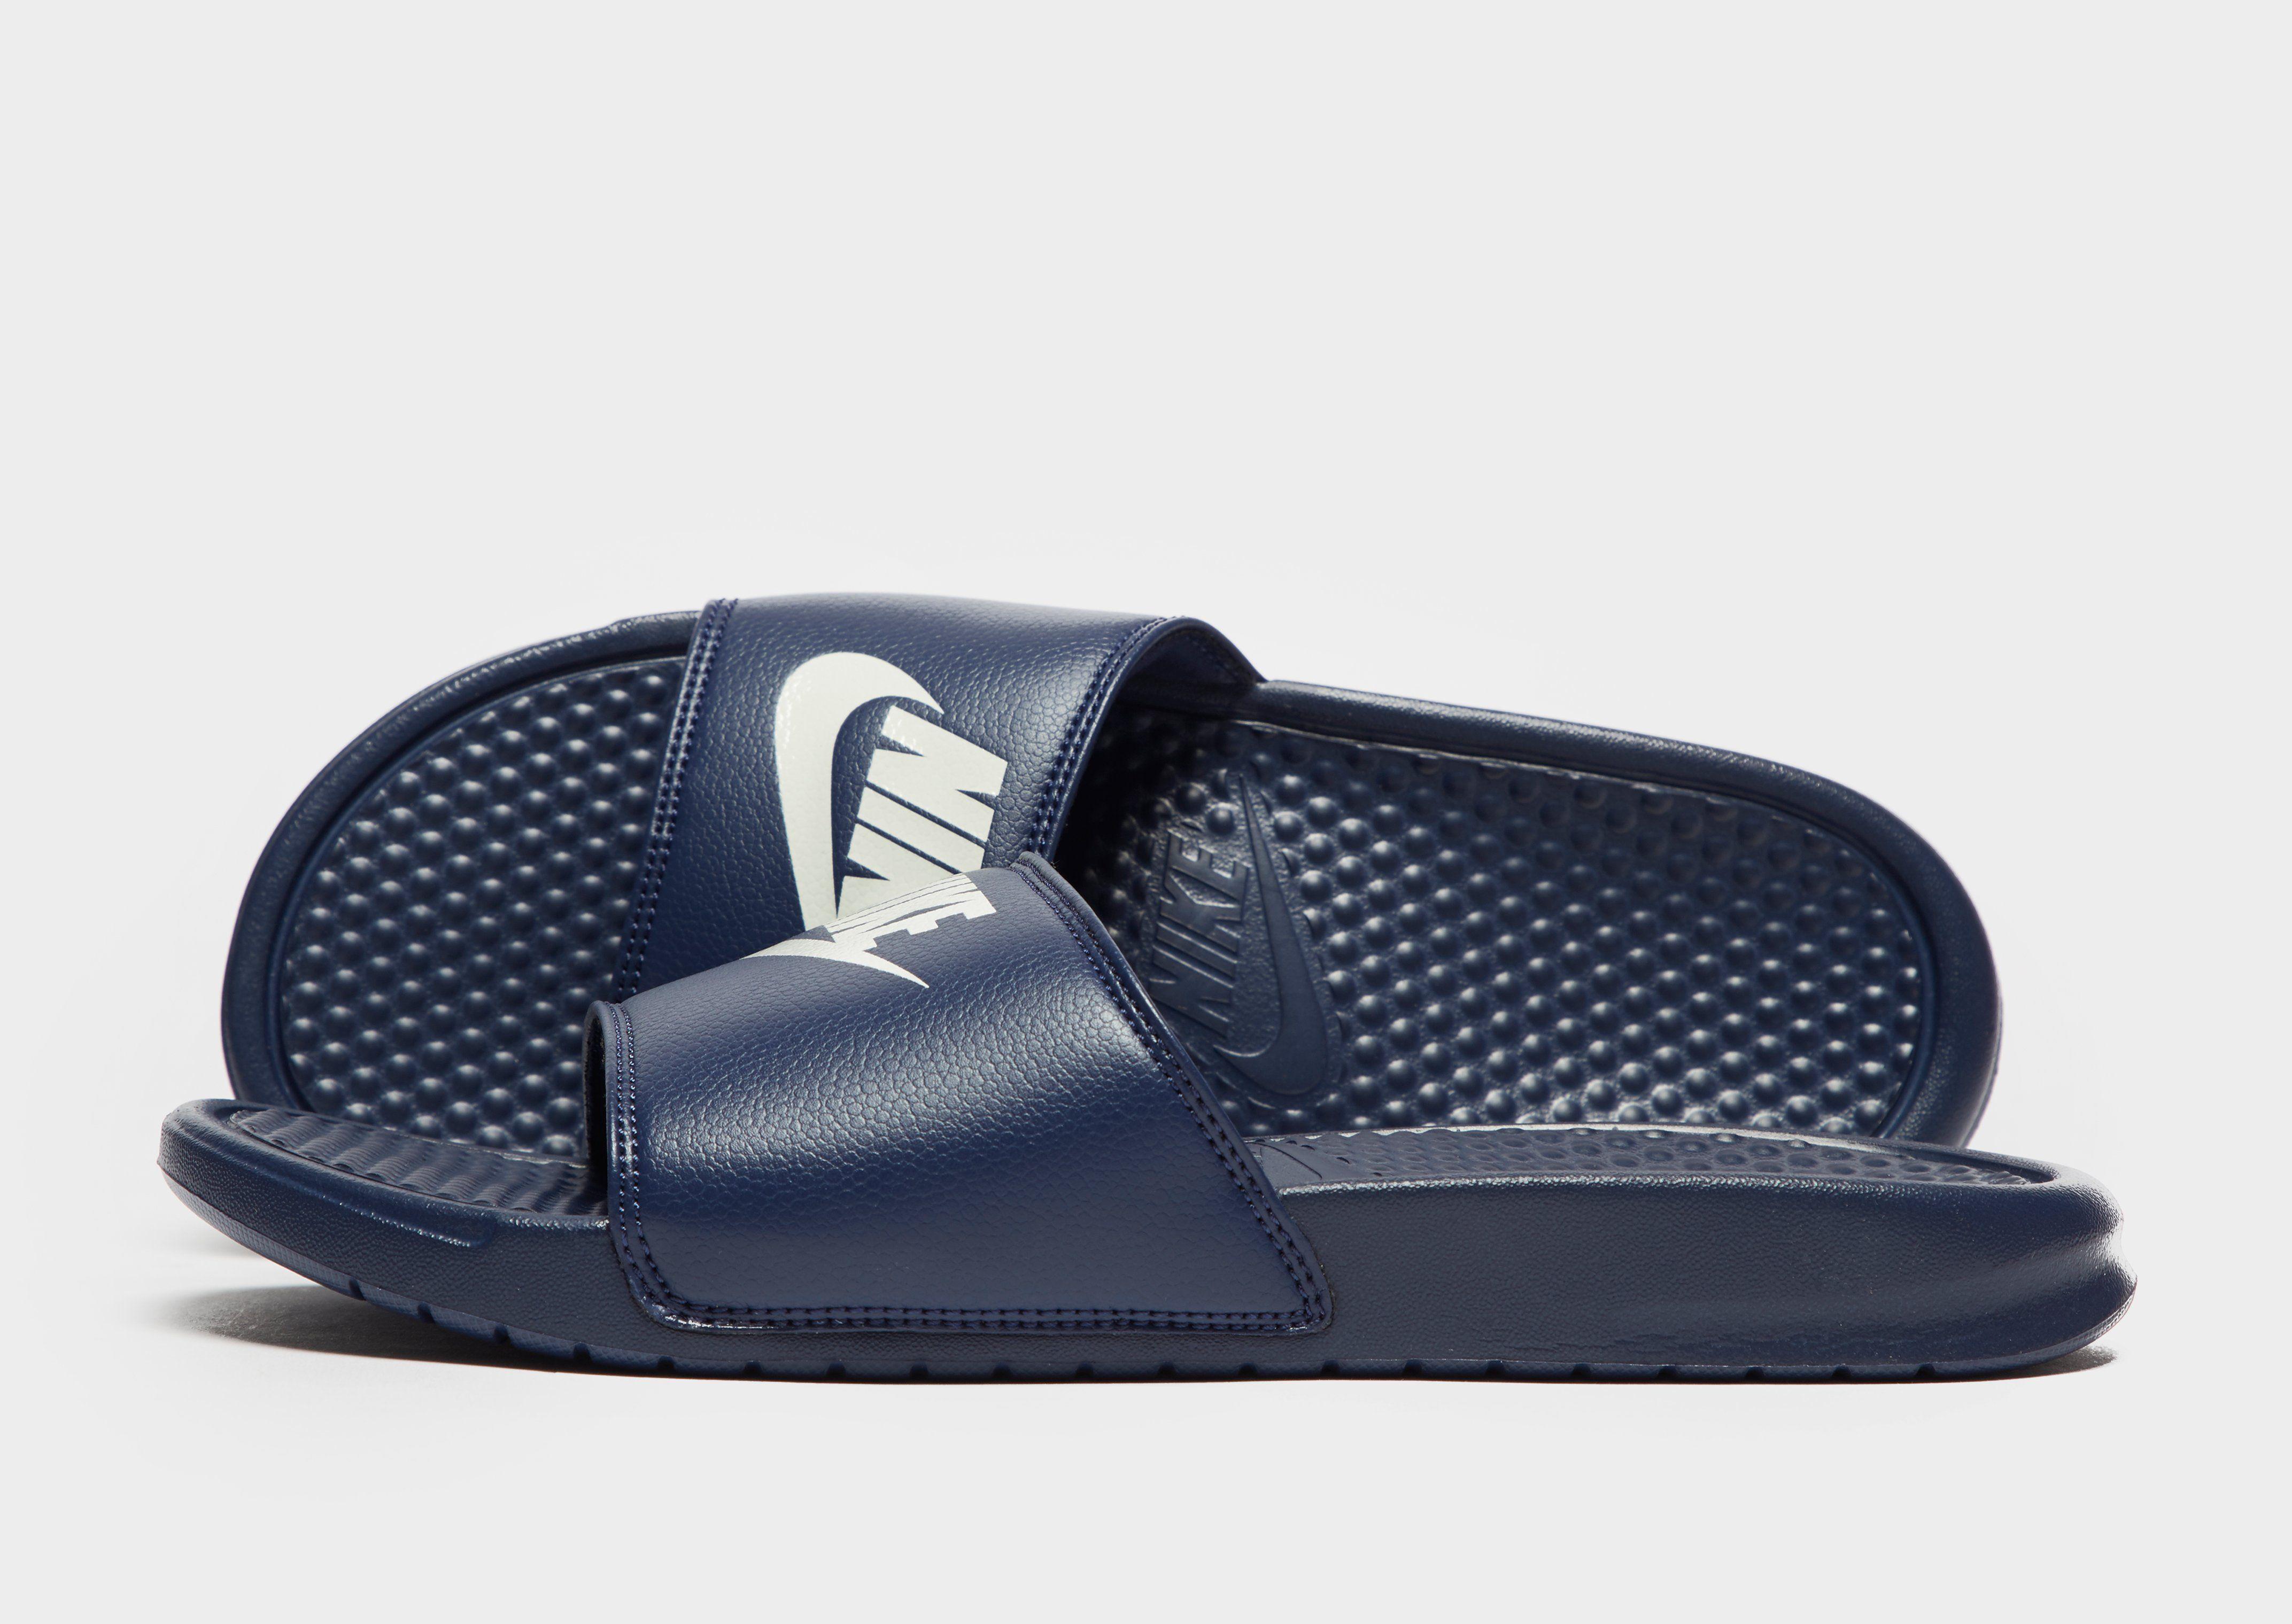 7c52daeff1cab8 Men s Sandals   Men s Flip Flops